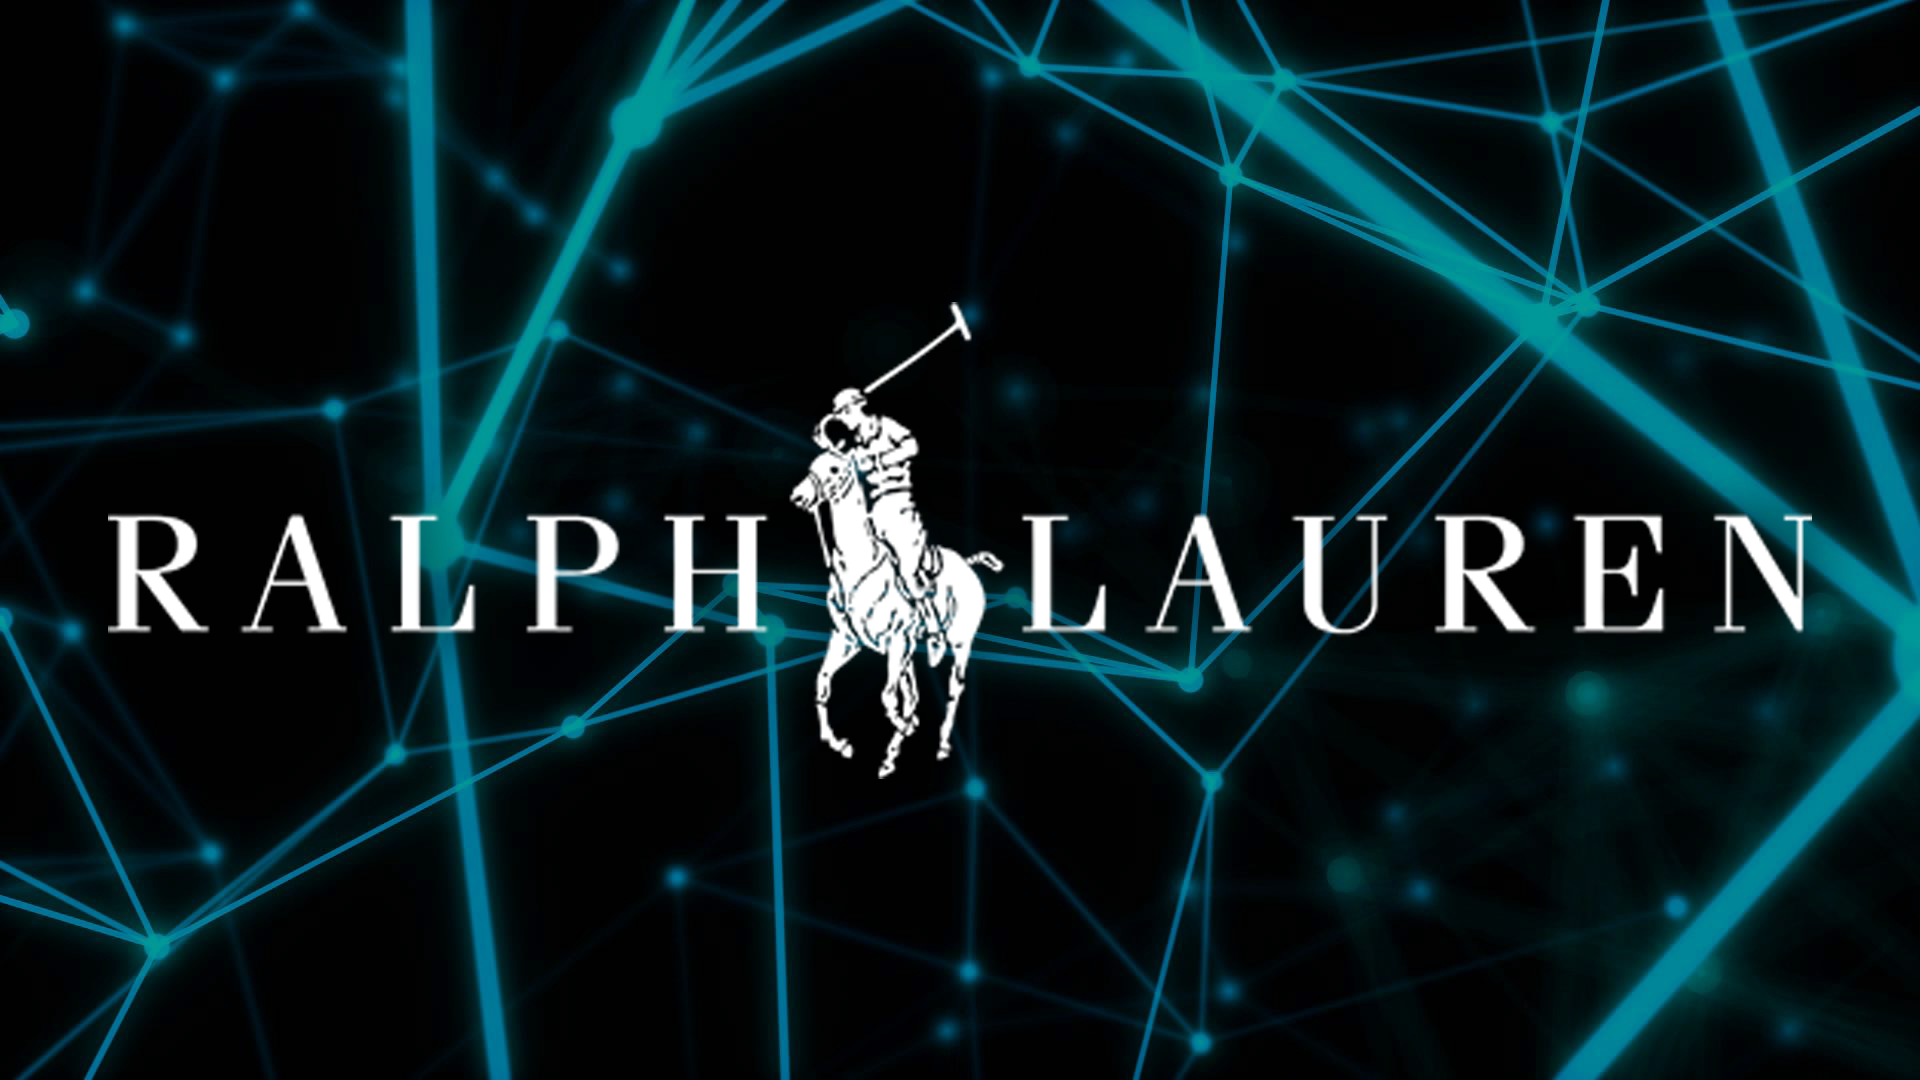 Ralph-Lauren-Hologruf-Client